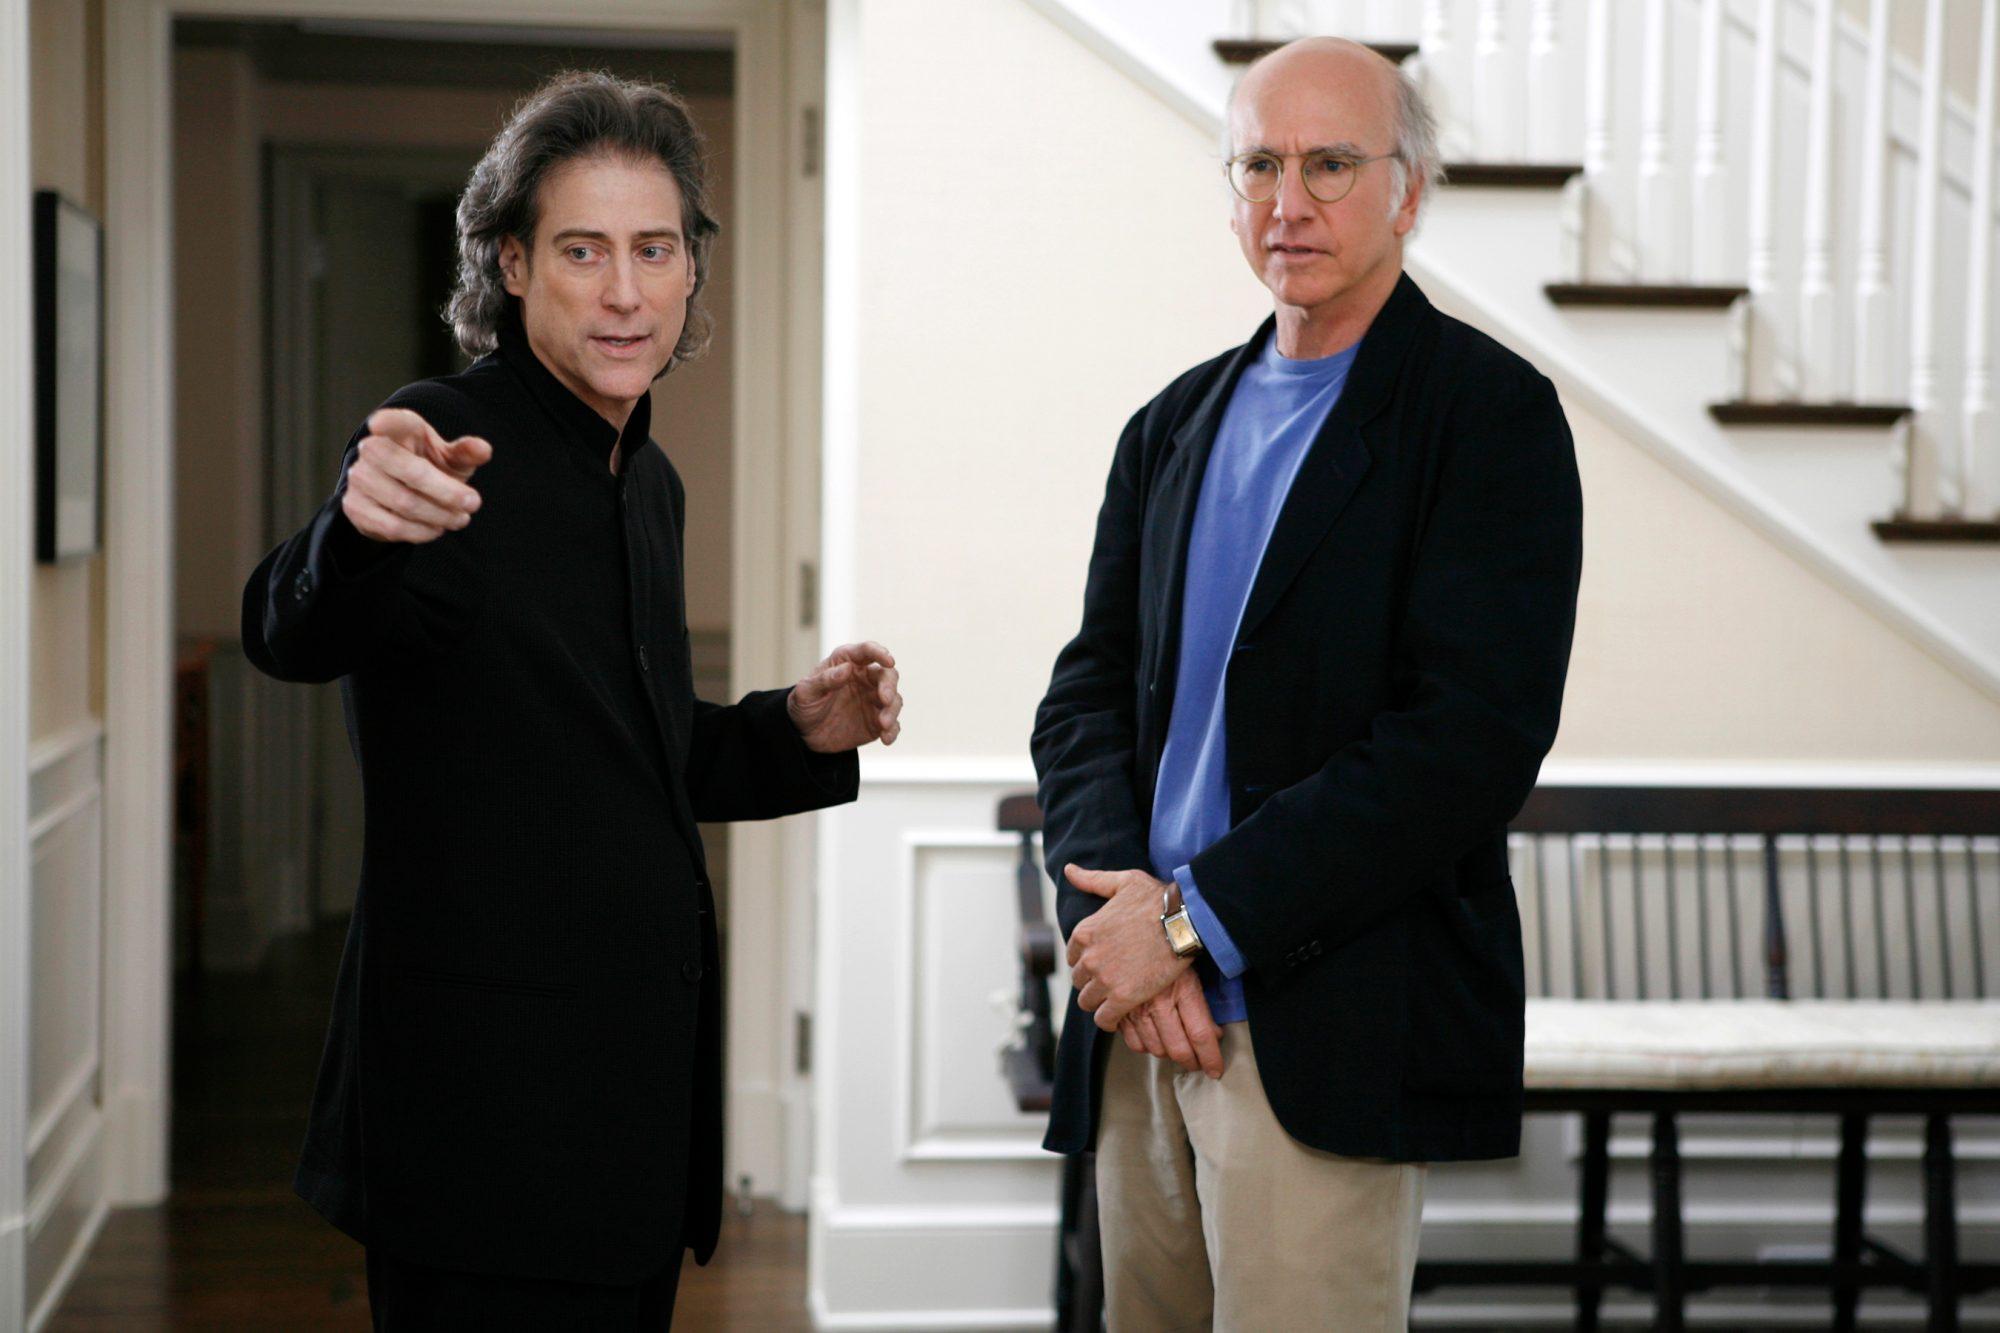 CURB YOUR ENTHUSIASM: Richard Lewis, Larry David. photo: Claudette Barius